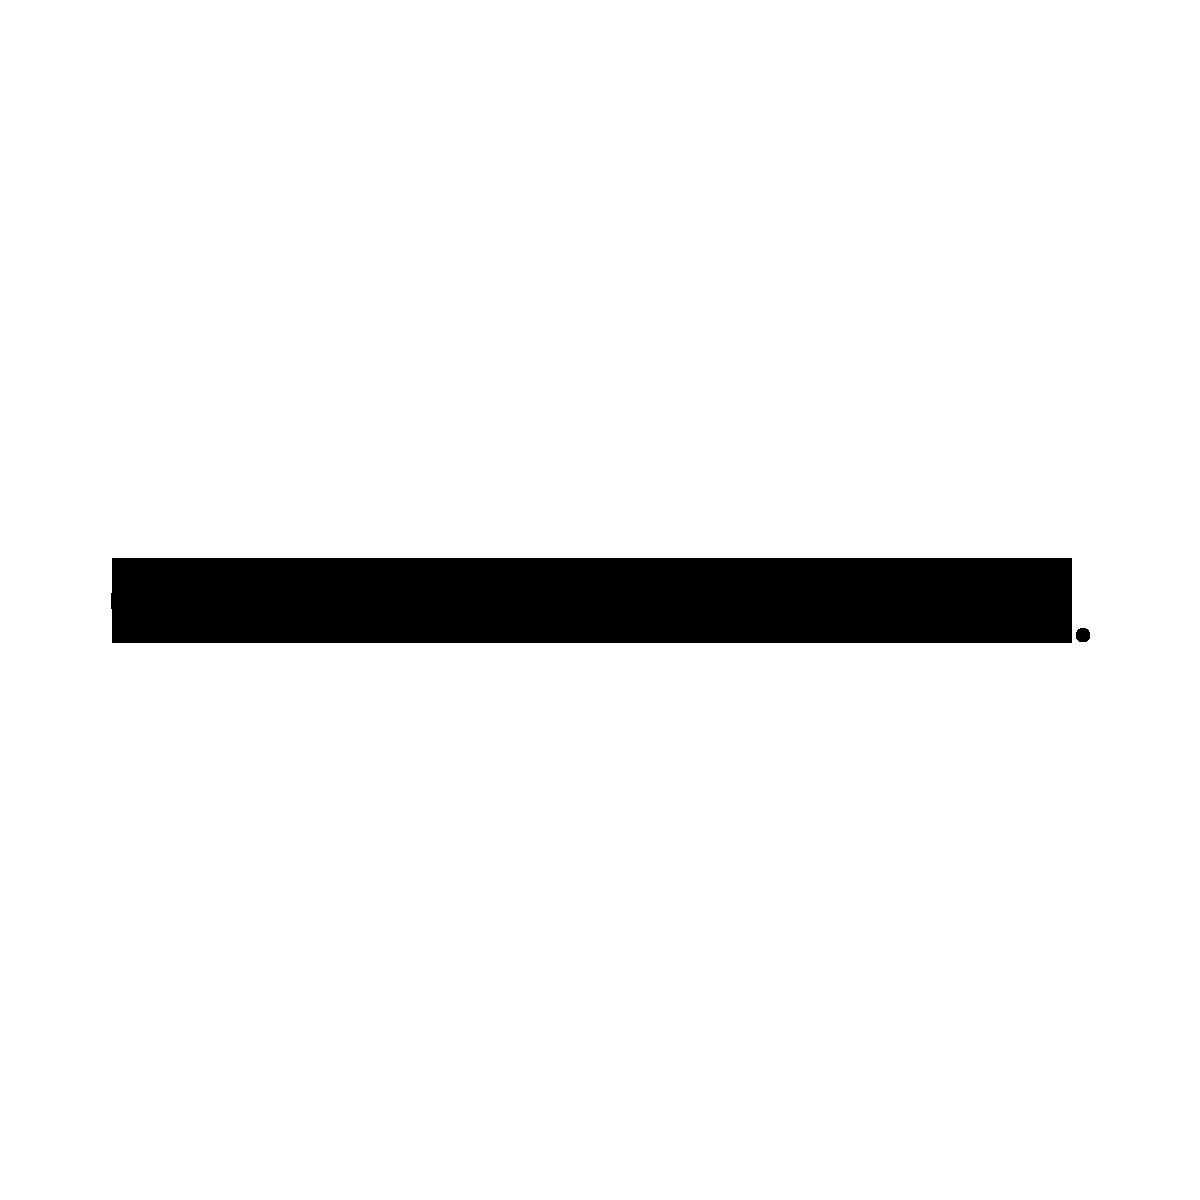 fred de la bretoniere ballerina zwart suède 140010001 detail zool